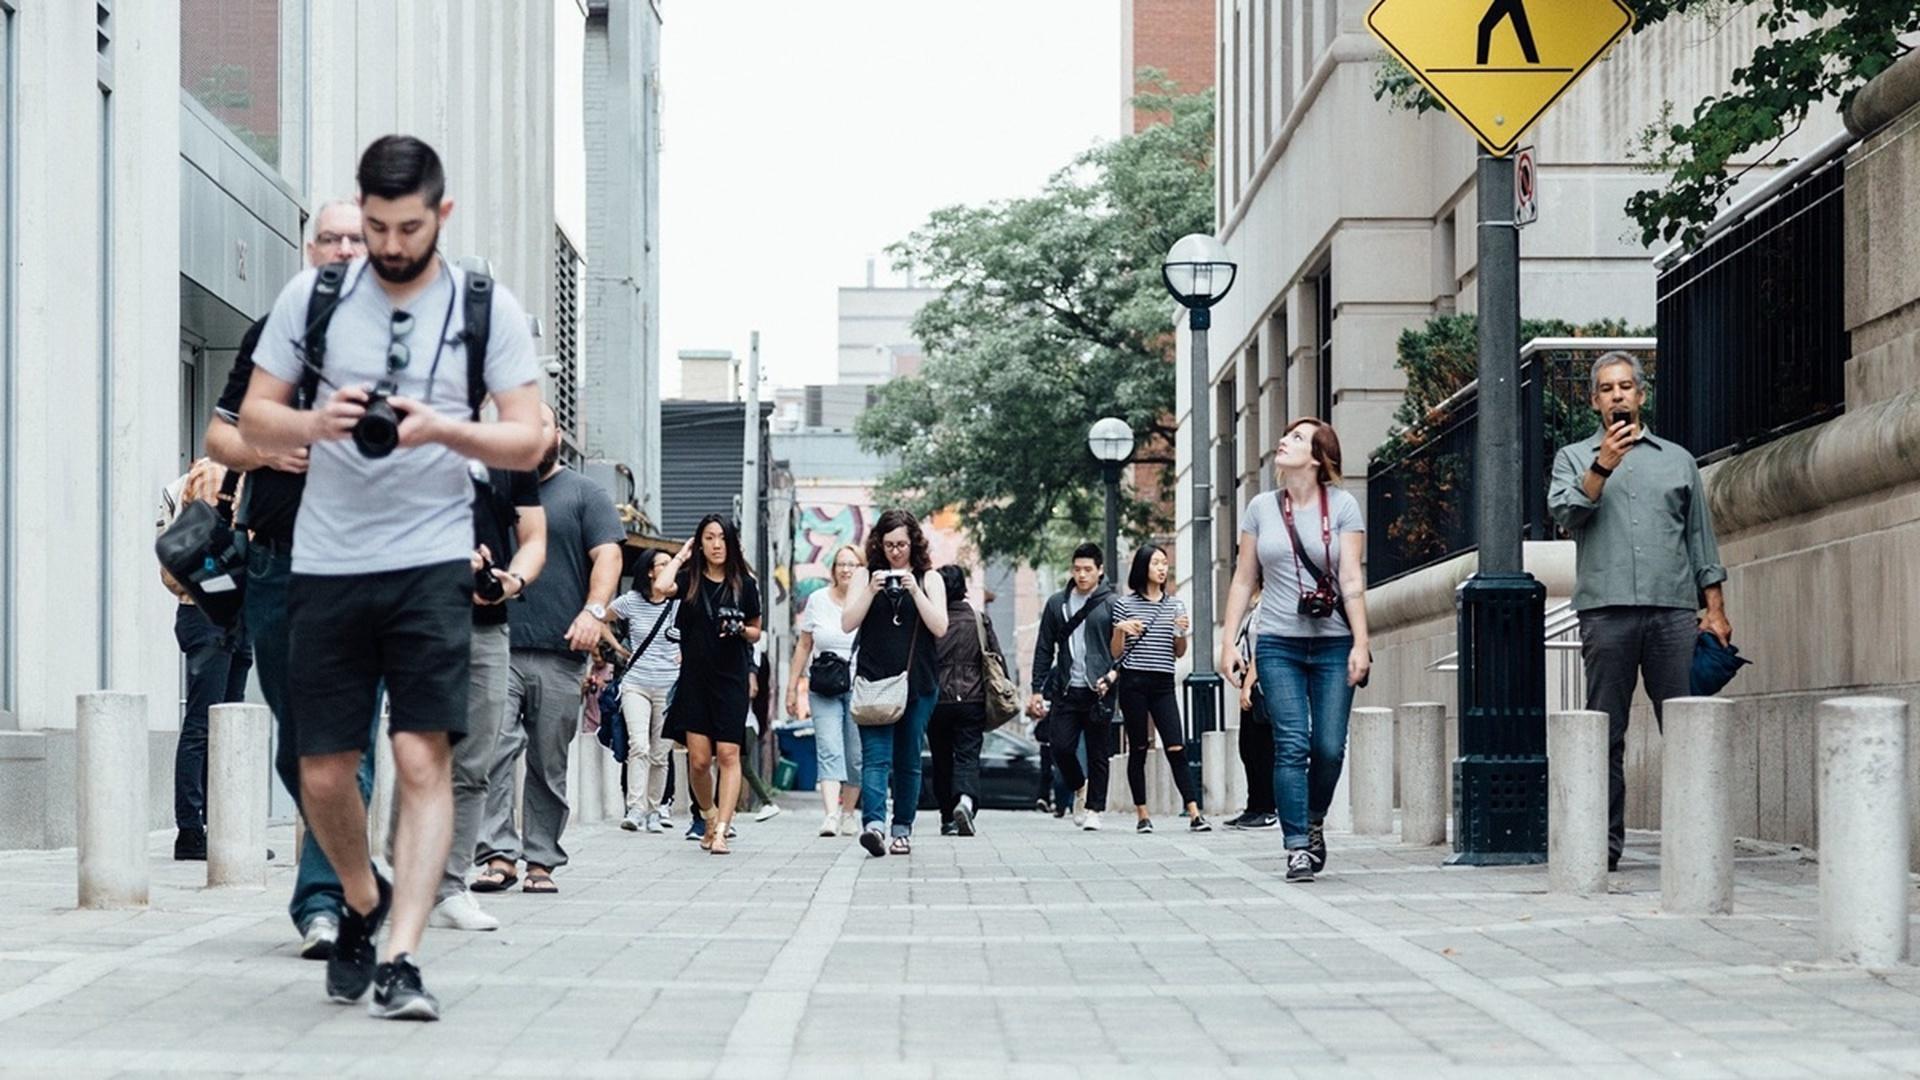 Исследователи вычислили «зону комфорта» пешеходов и спрогнозировали траектории их движения